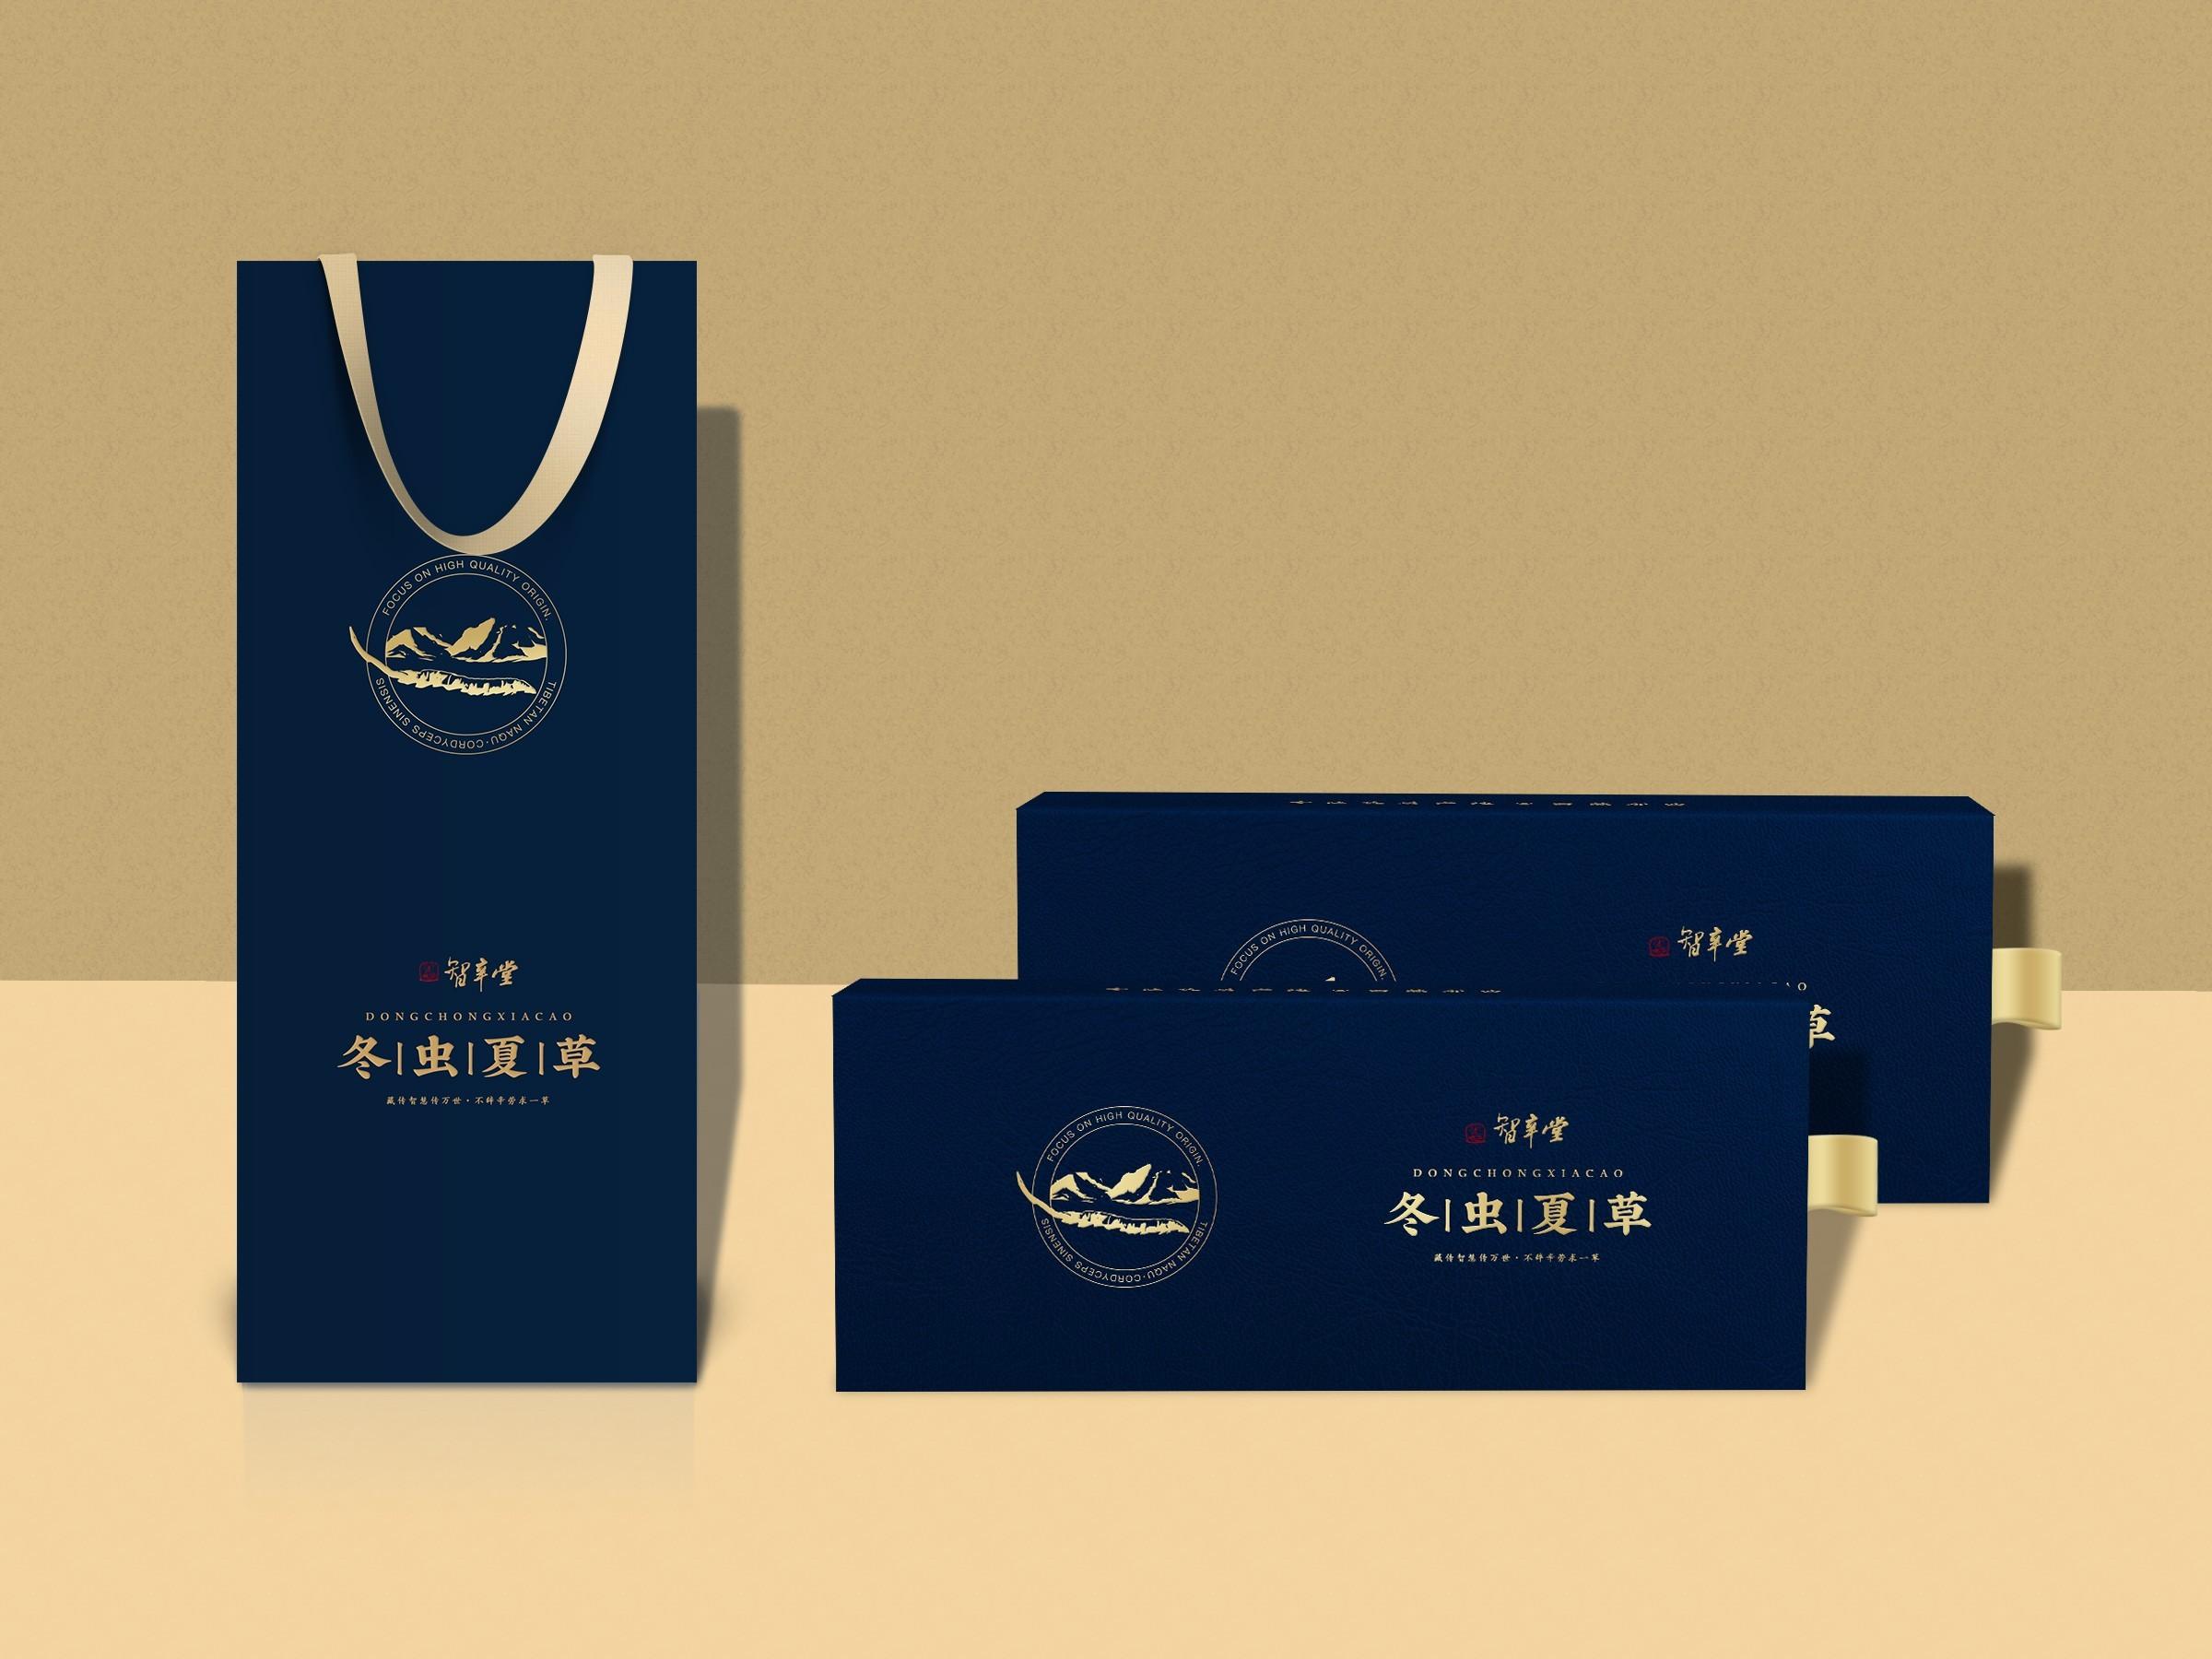 设计美学与精品包装设计的关系